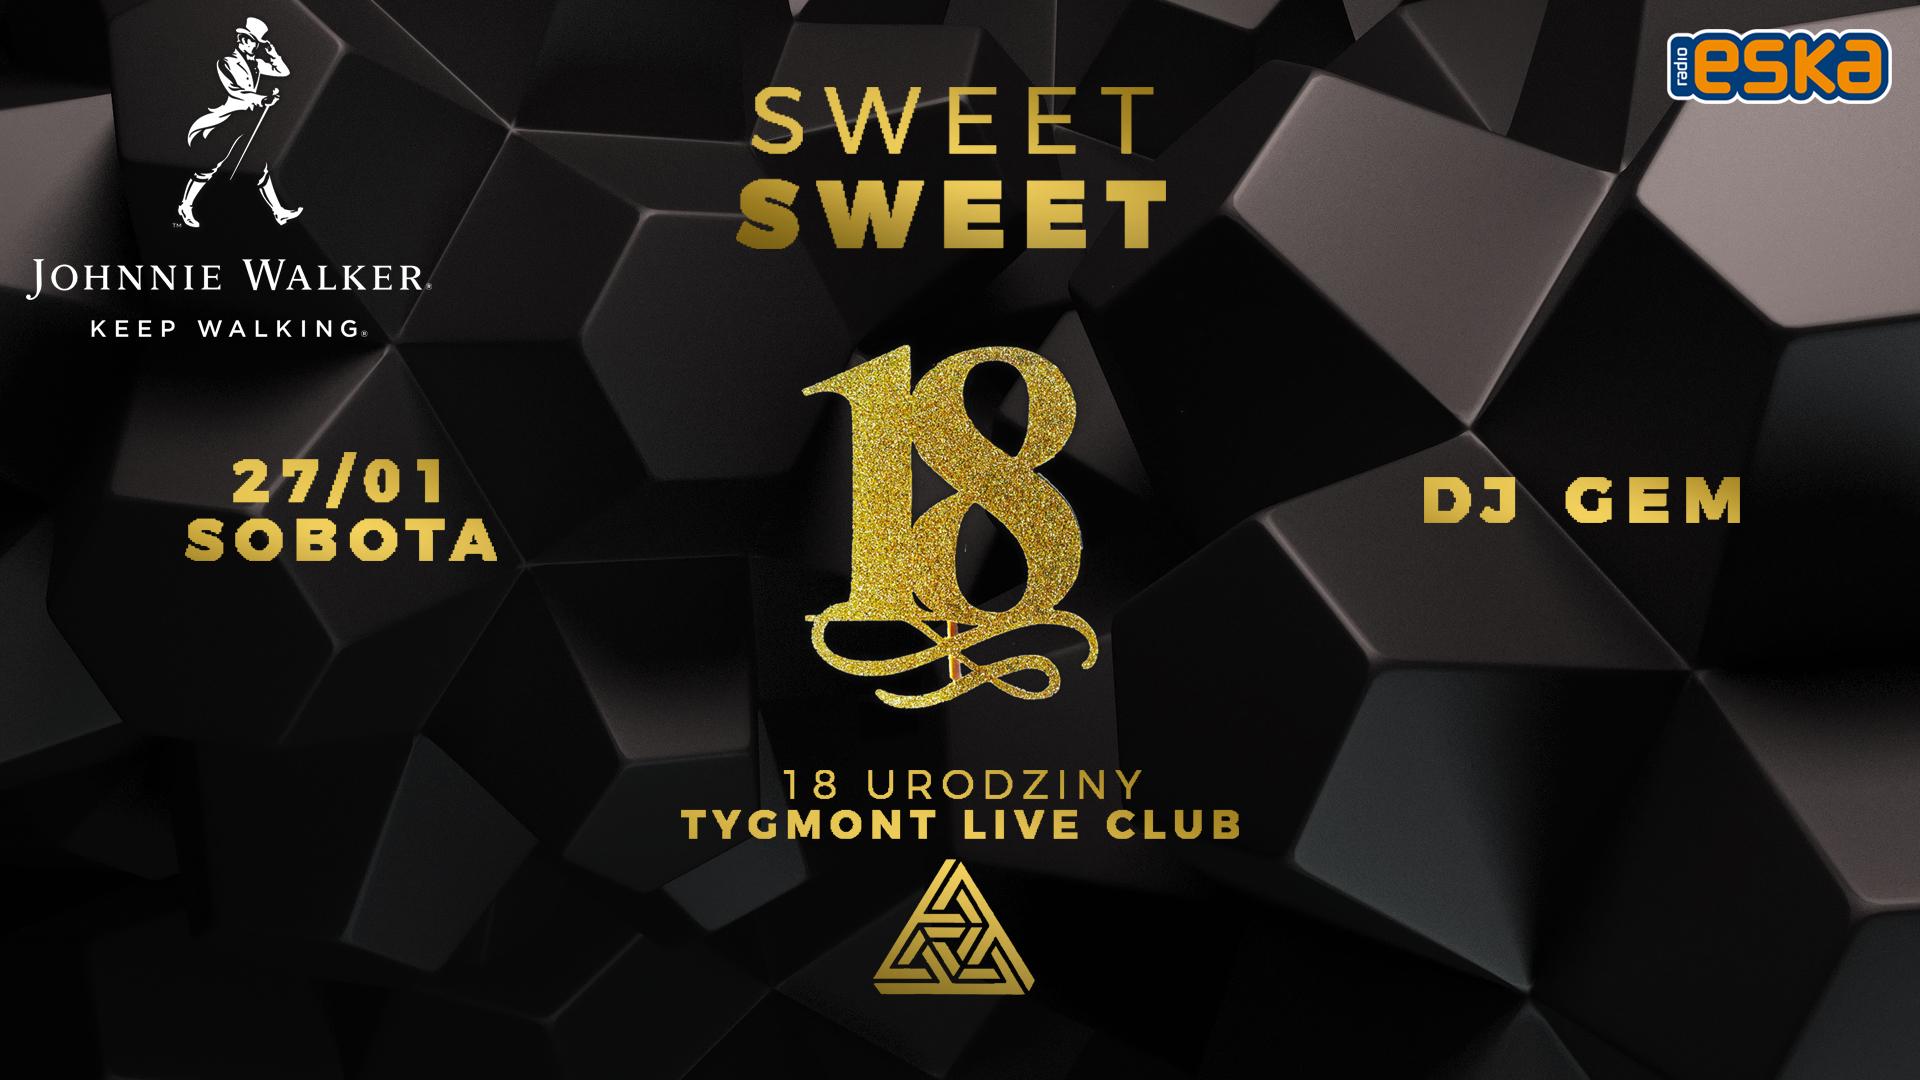 18 URODZINY TYGMONT LIVE CLUB_SOBOTA_DJ GEM